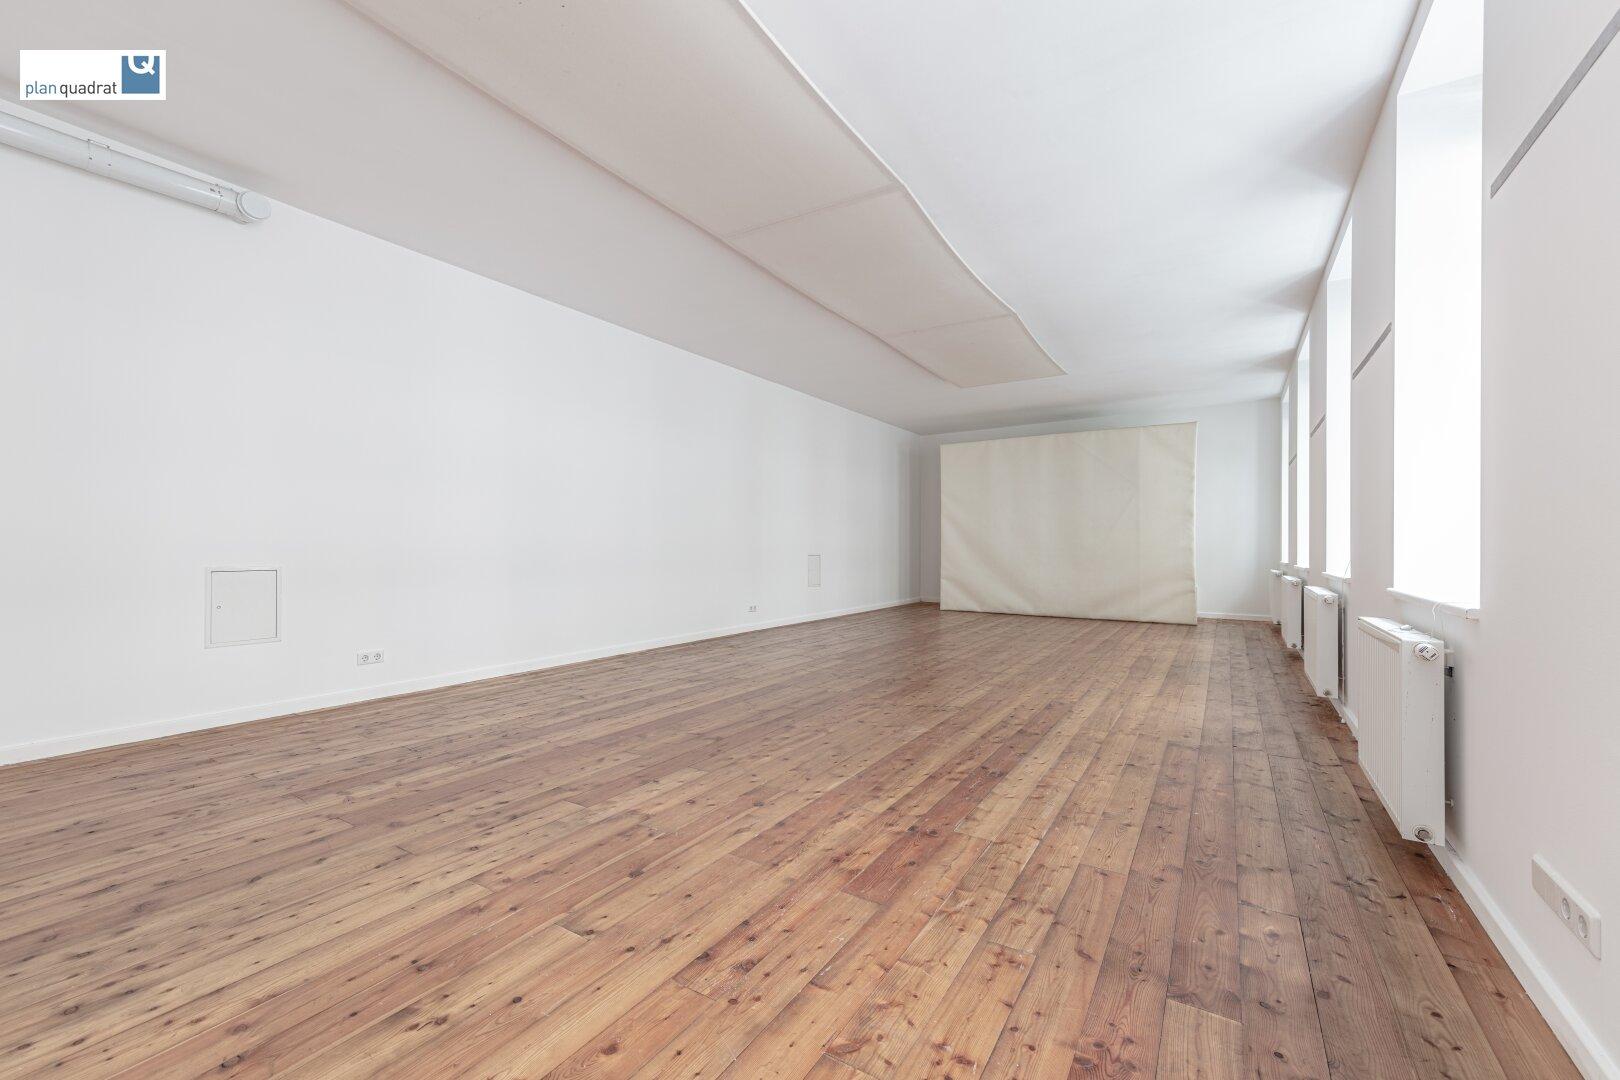 Hauptraum (ca. 72,60 m²)